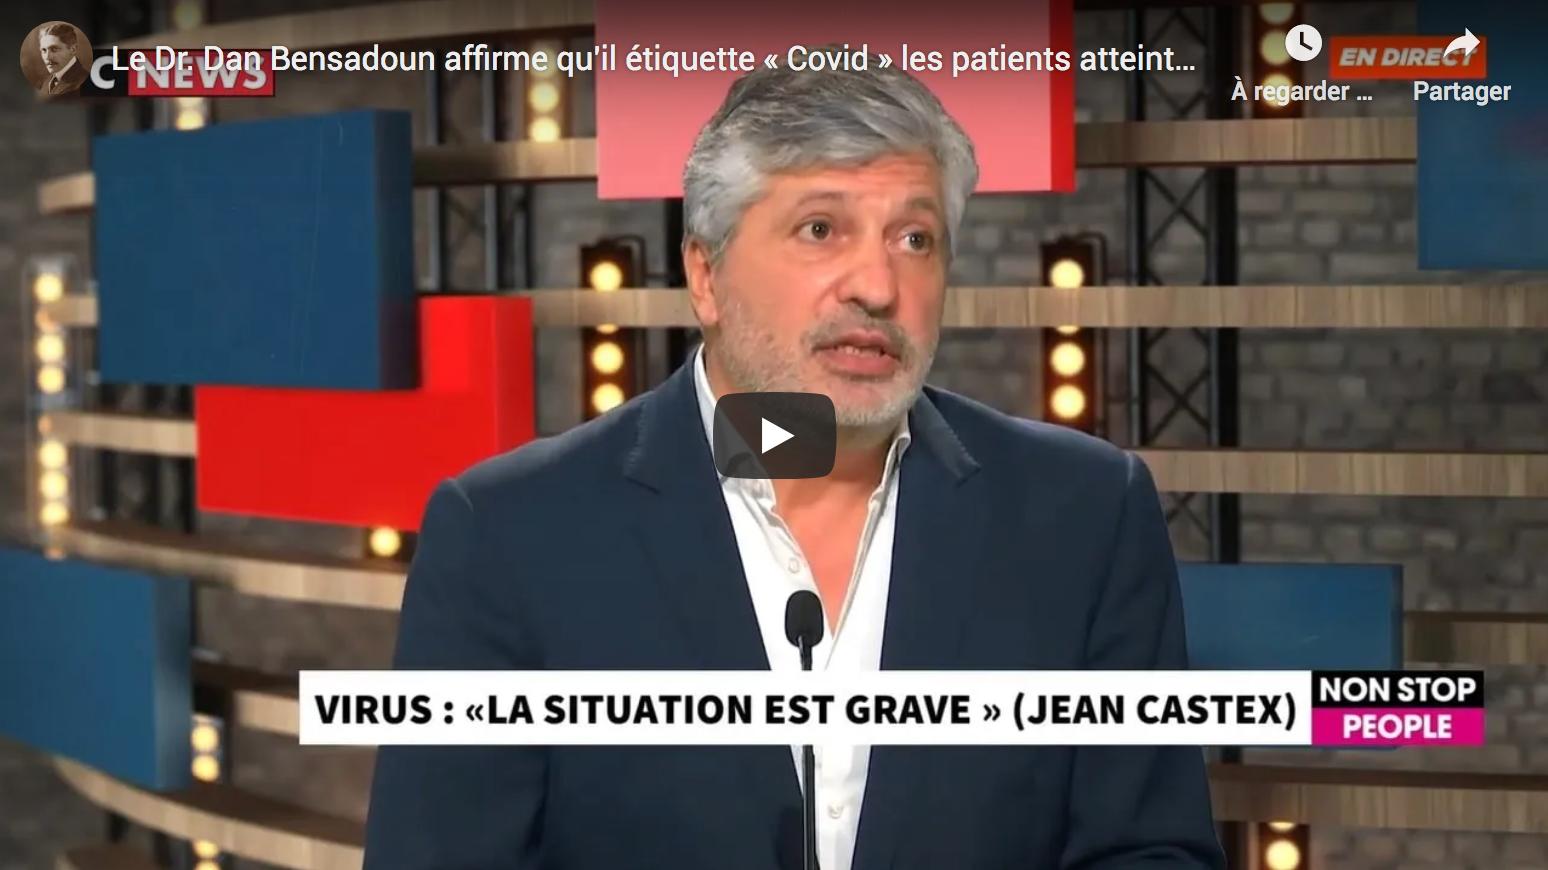 Le Dr Dan Bensadoun affirme qu'il étiquette « Covid » les patients atteints de rhinopharyngite… (VIDÉO)